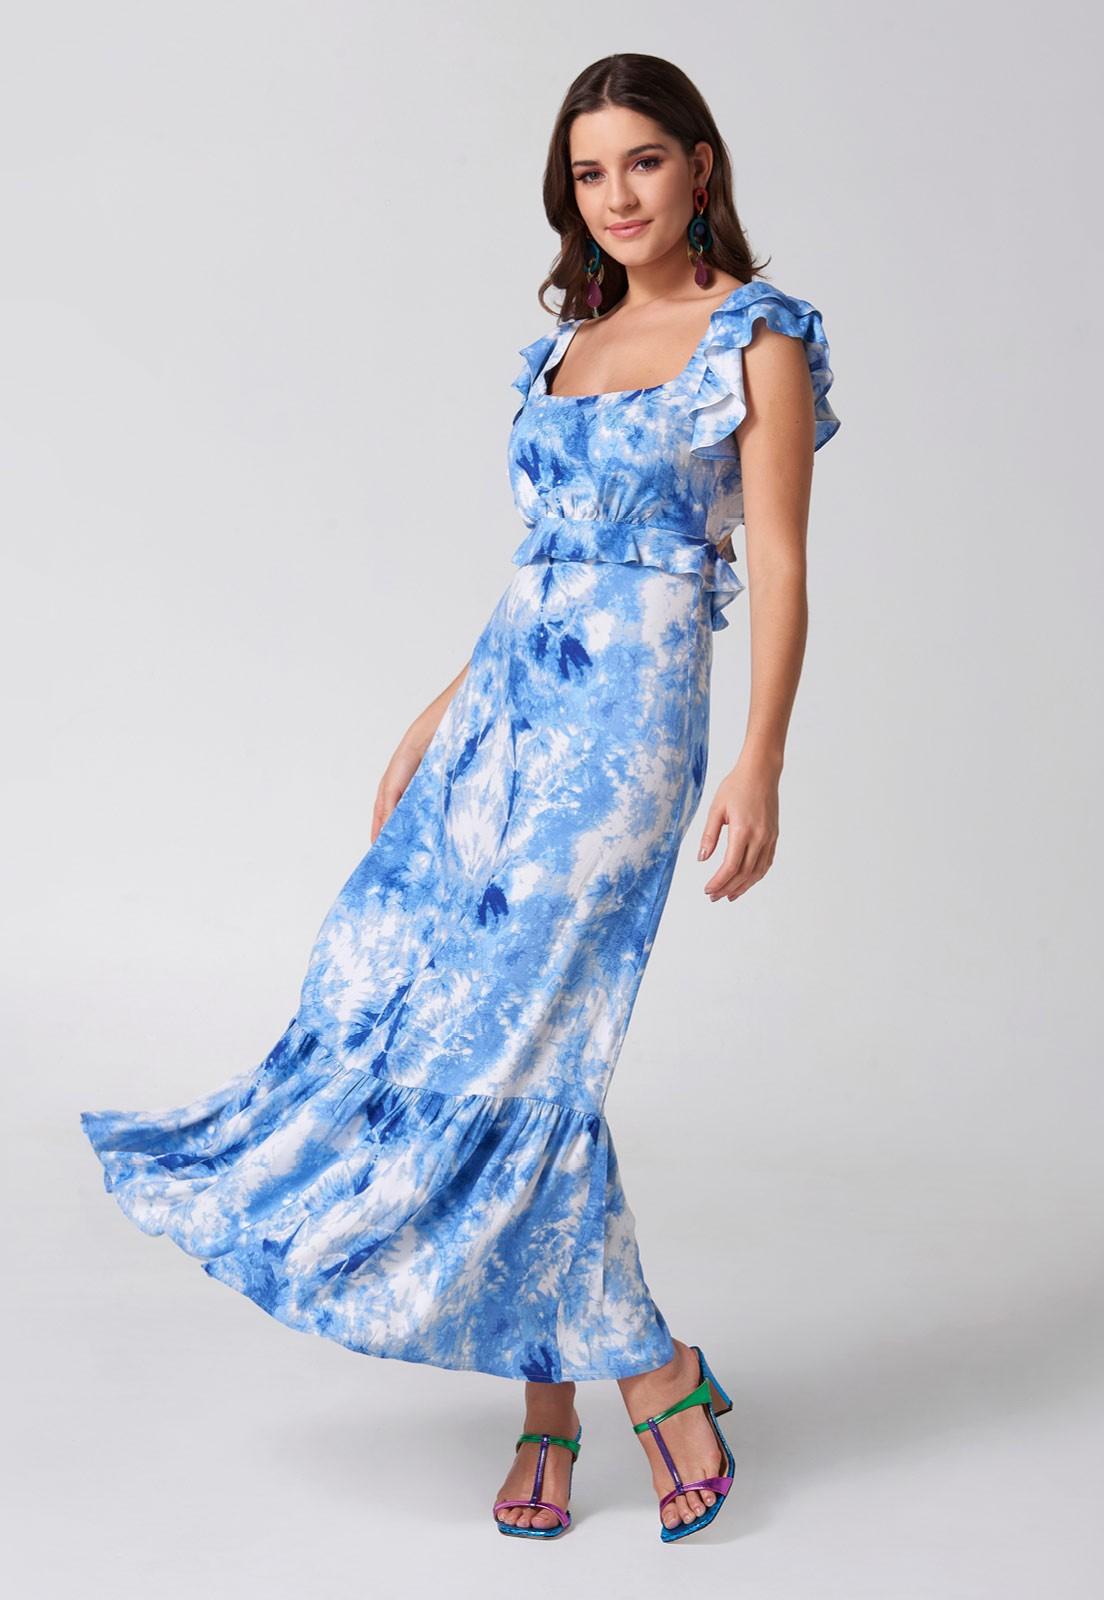 Vestido Tie Dye Blue